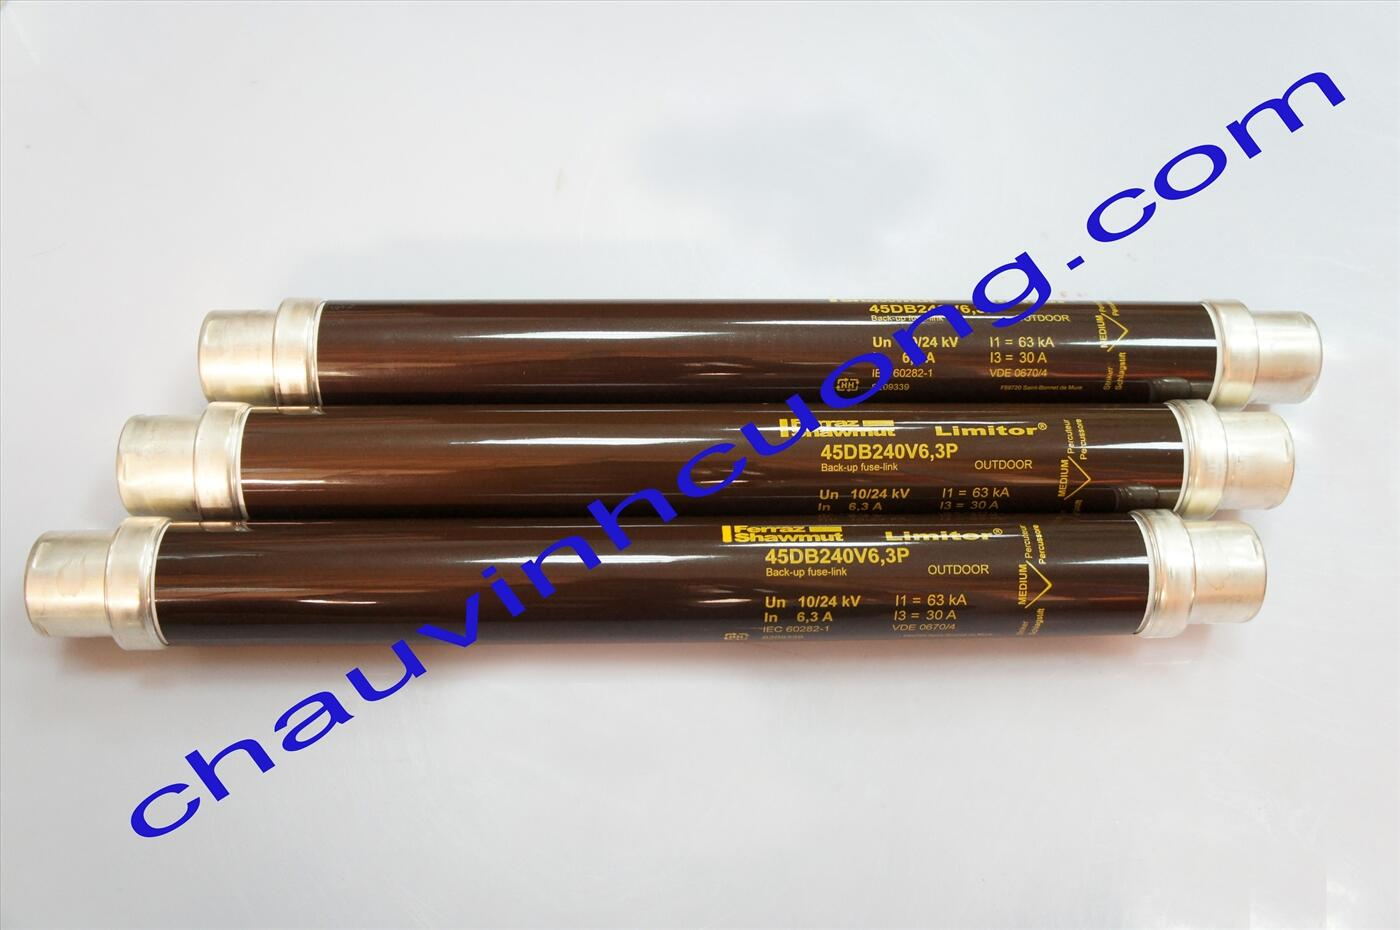 Cầu chì trung thế 24kV 6,3A Ferraz Shawmut 45DB240V6,3P